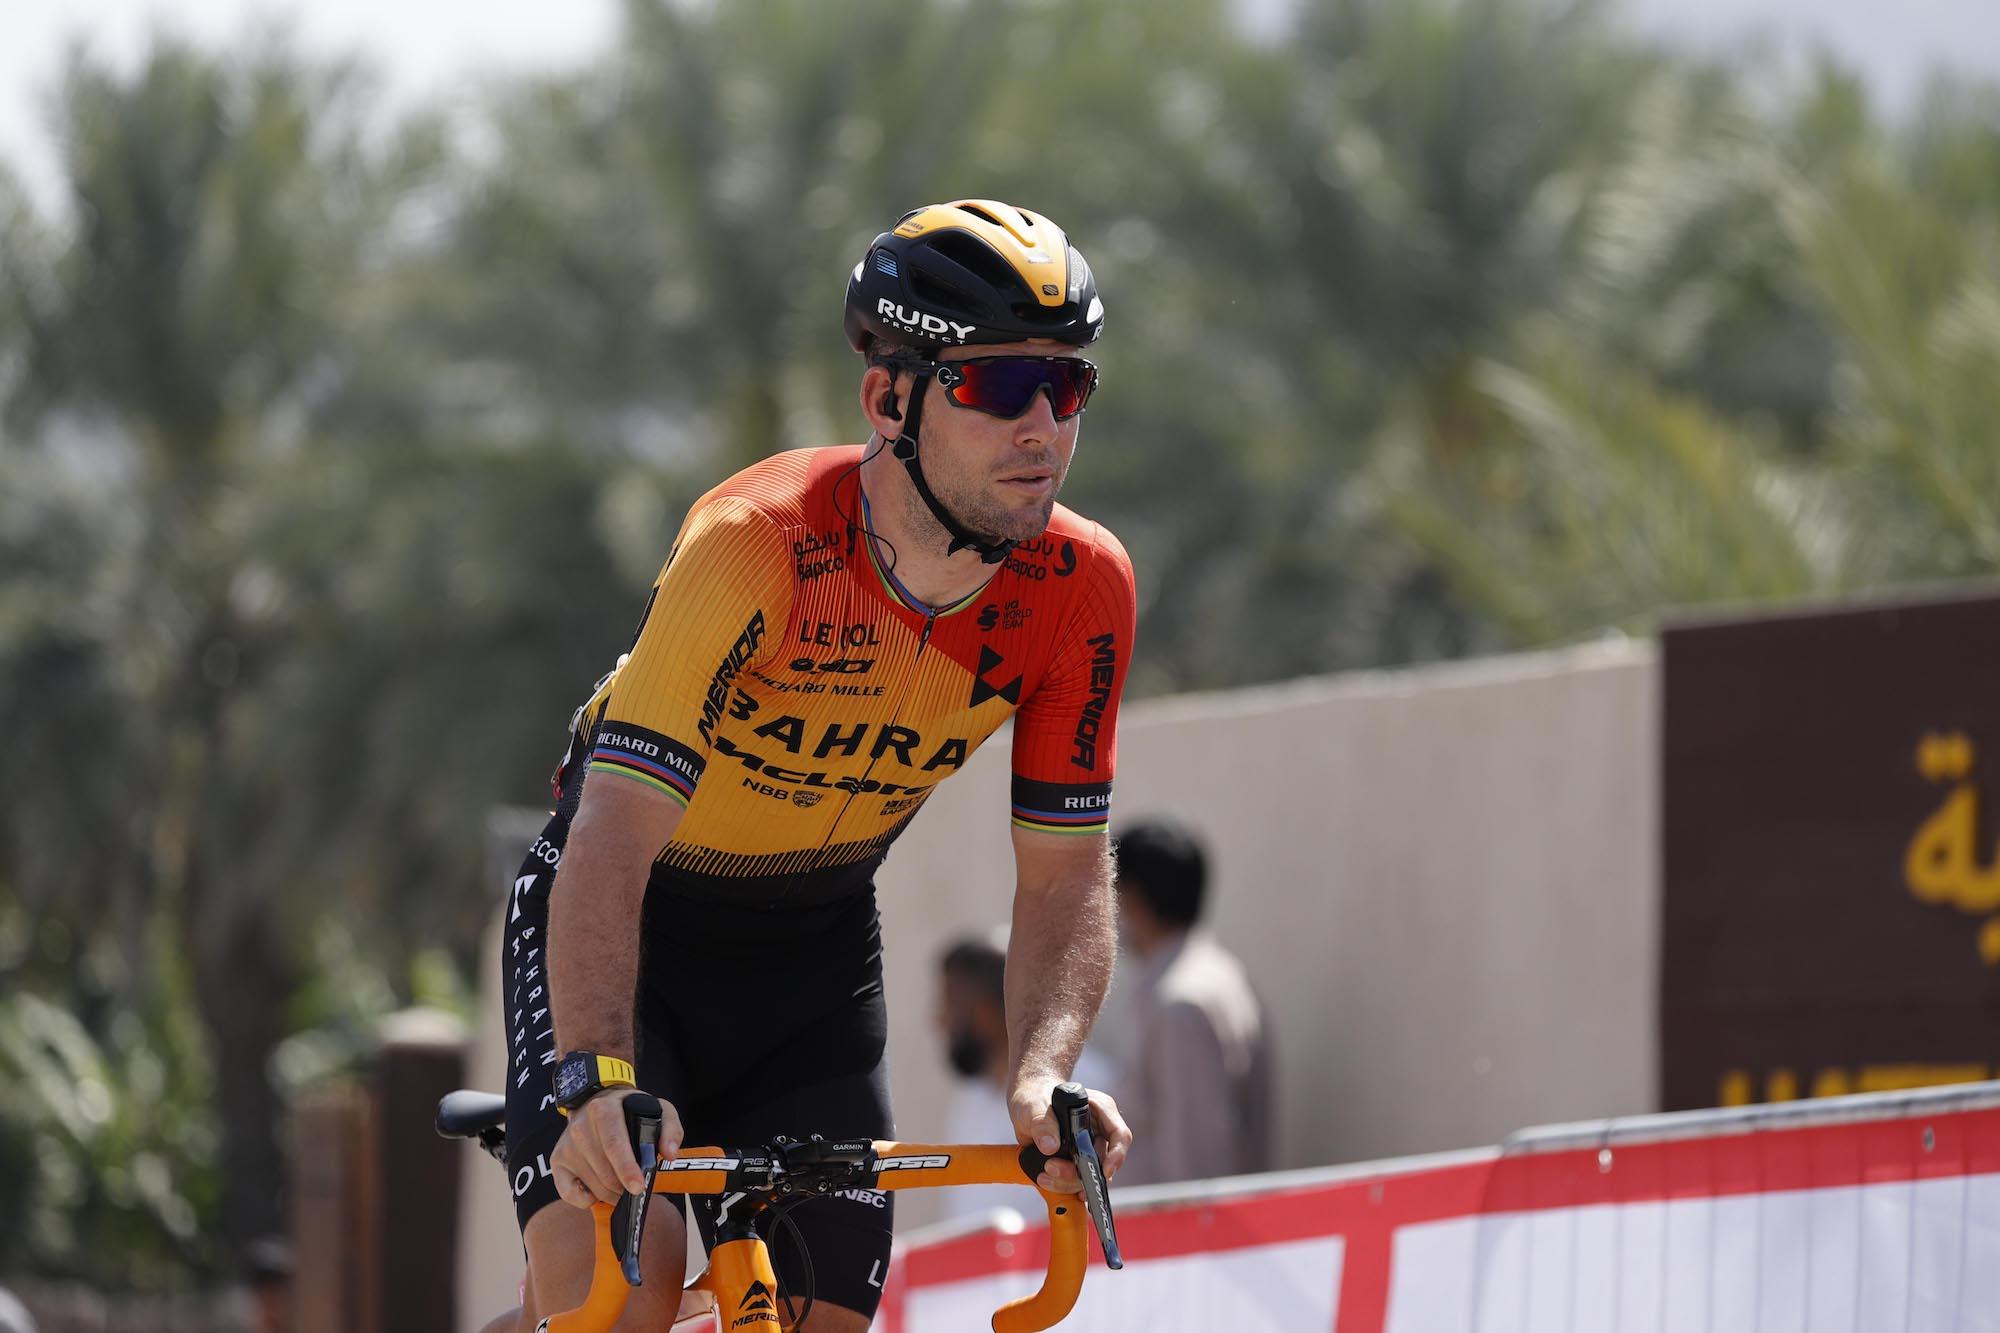 Mark Cavendish keert terug naar de dagkoersen Scheldeprijs en Gent-Wevelgem